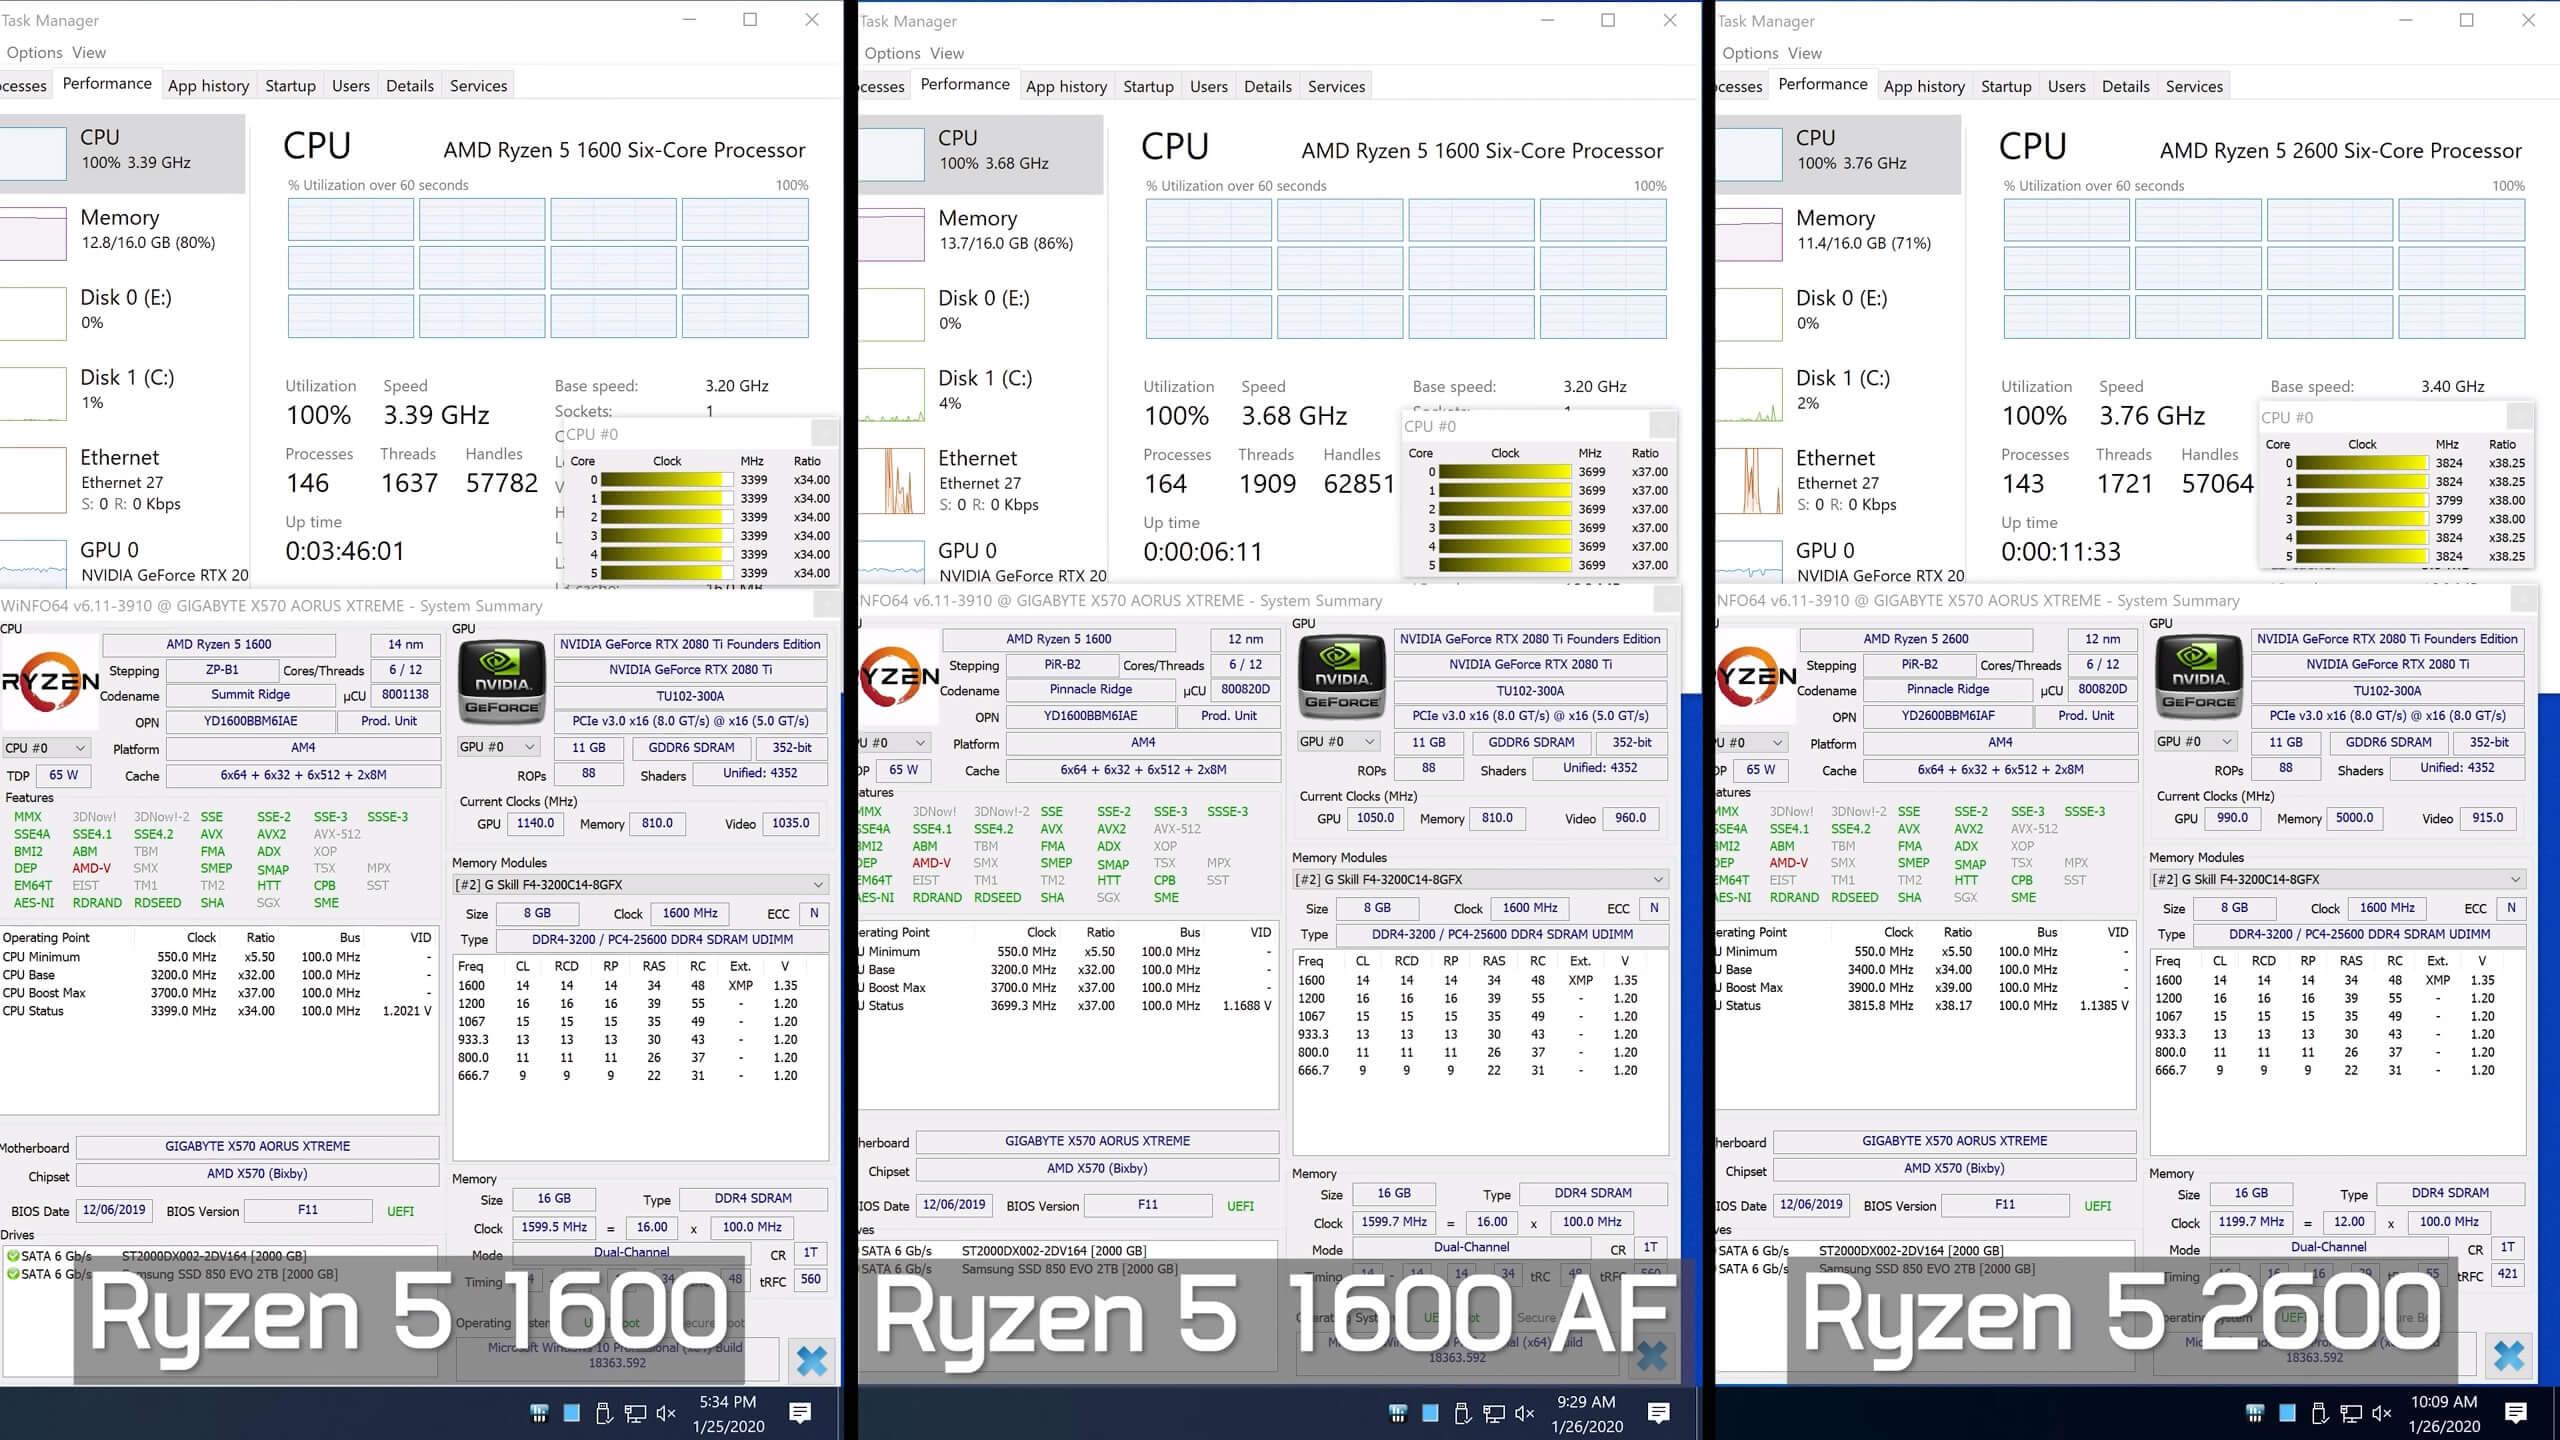 Amd Ryzen 5 1600 Af Review